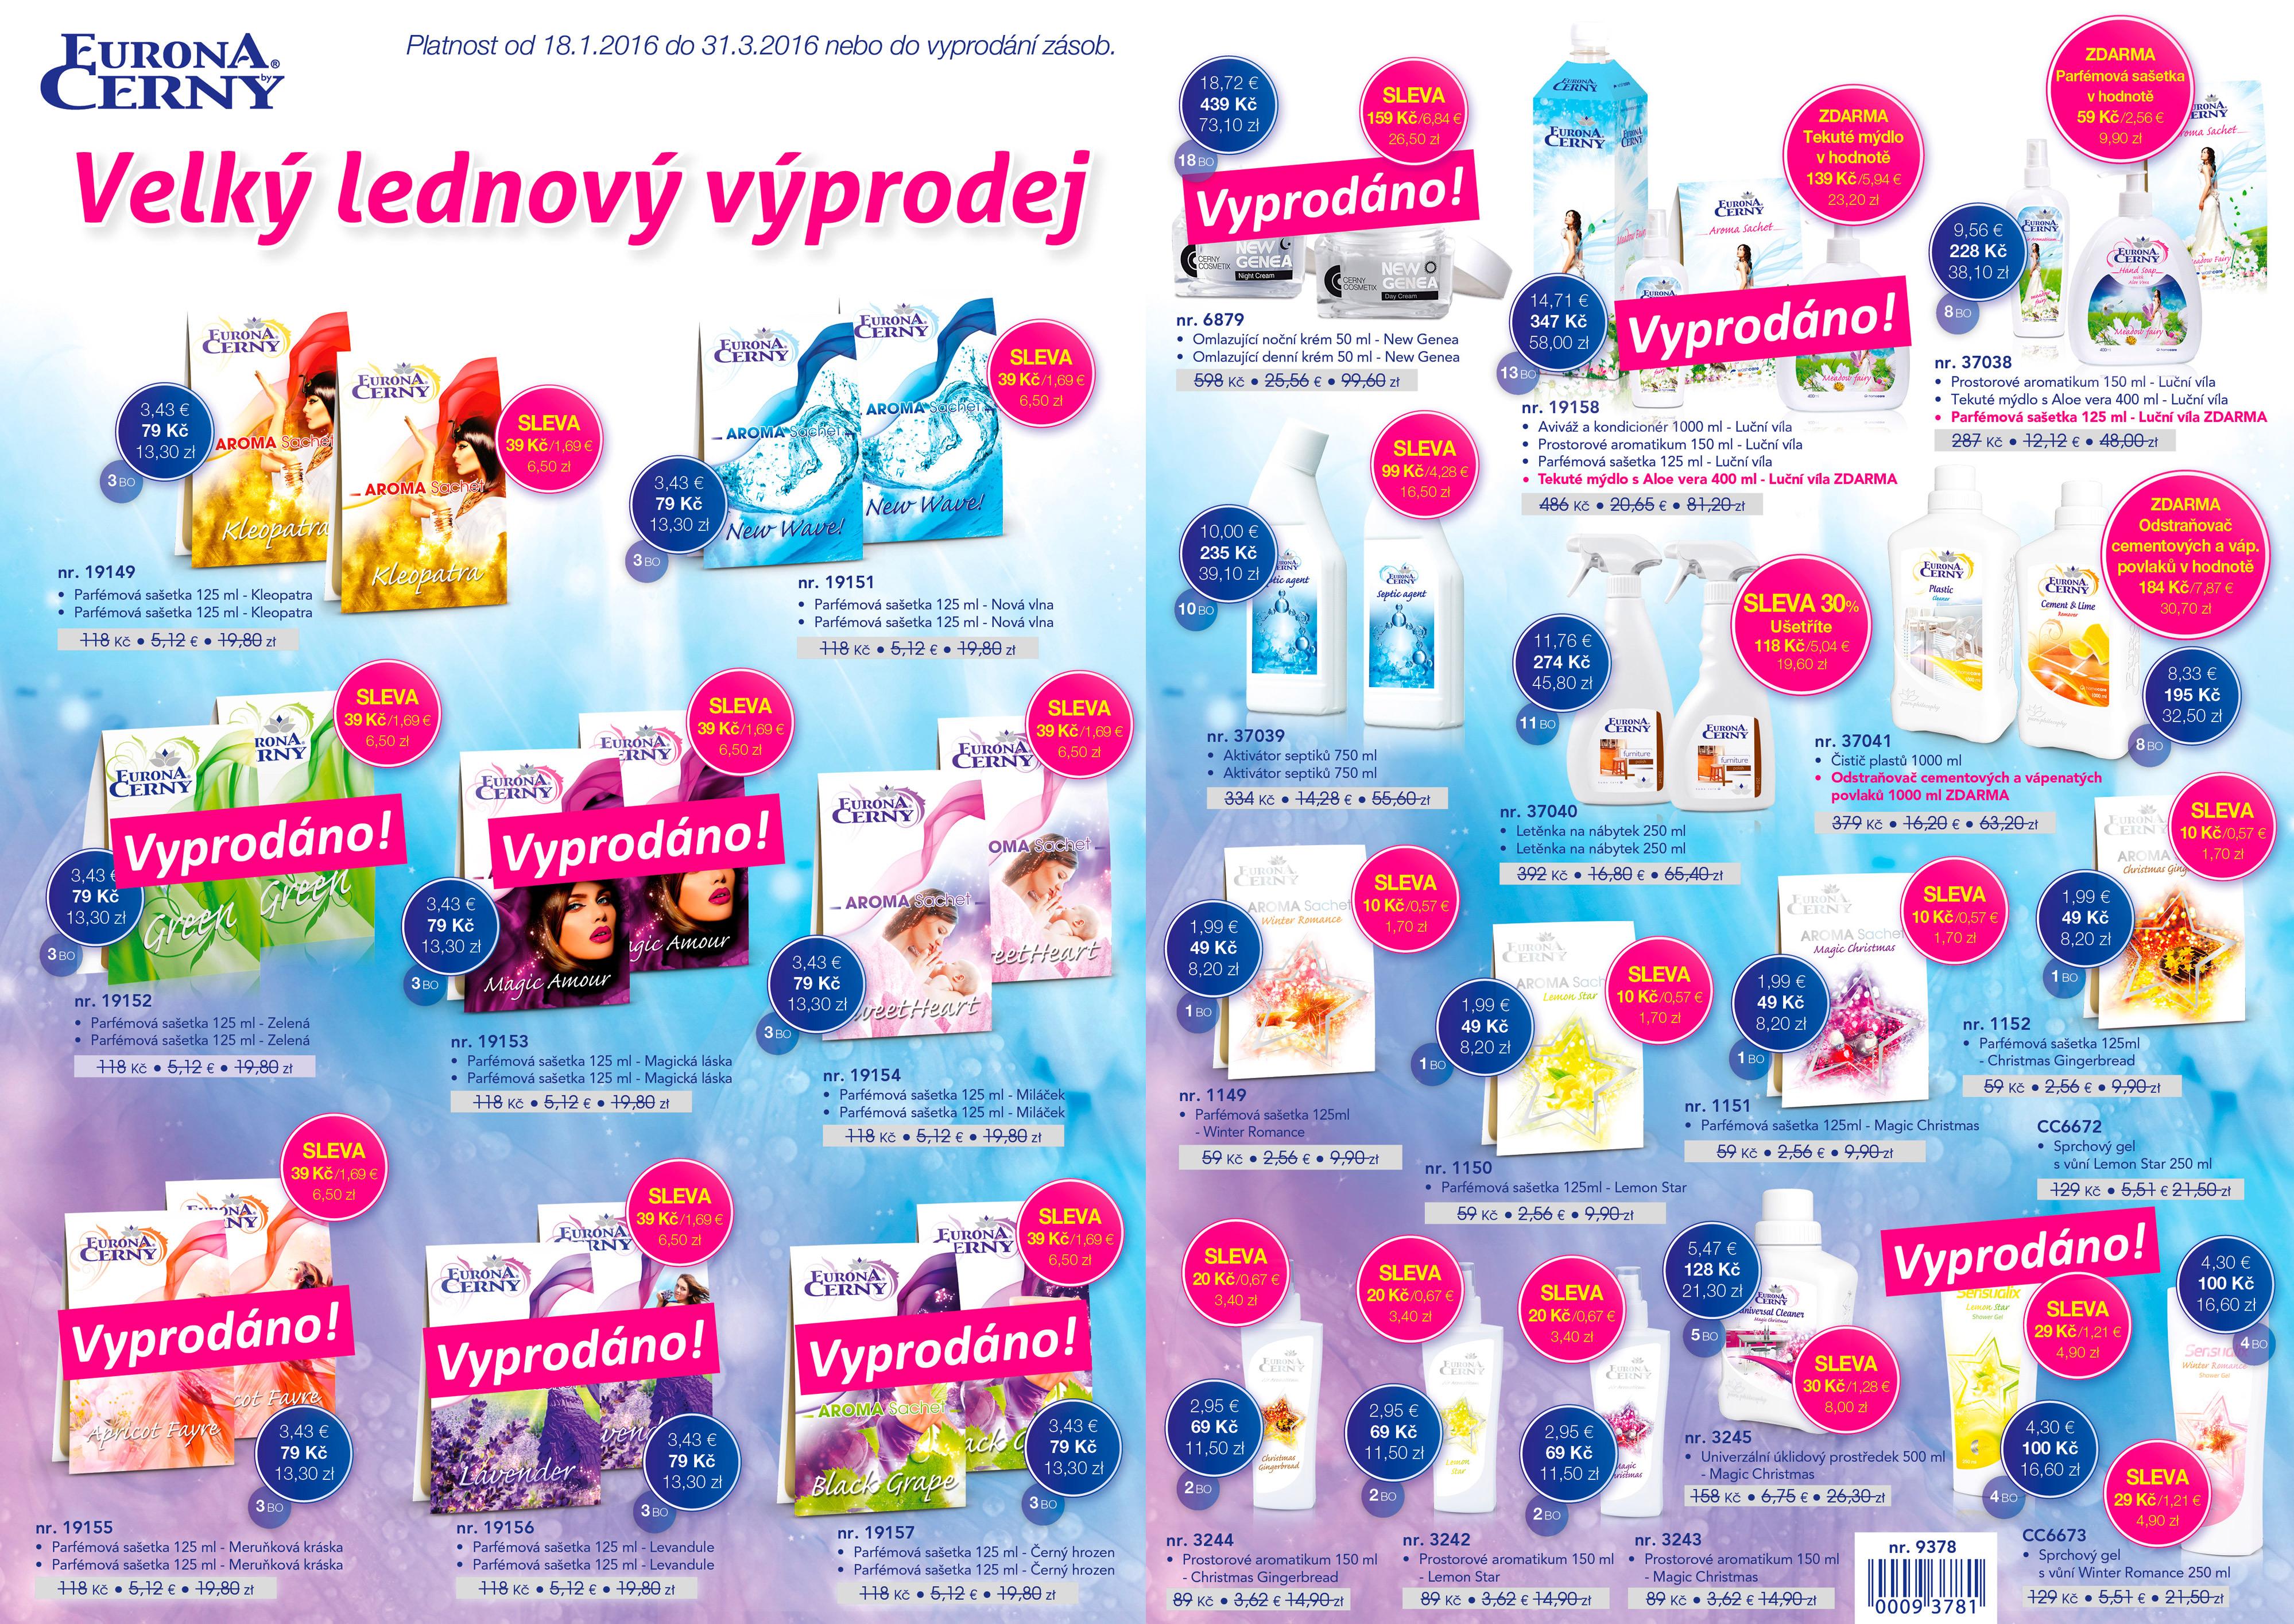 http://ekologicka.kozmetika-drogeria.sk/eurona2016/vyprodej16.jpg